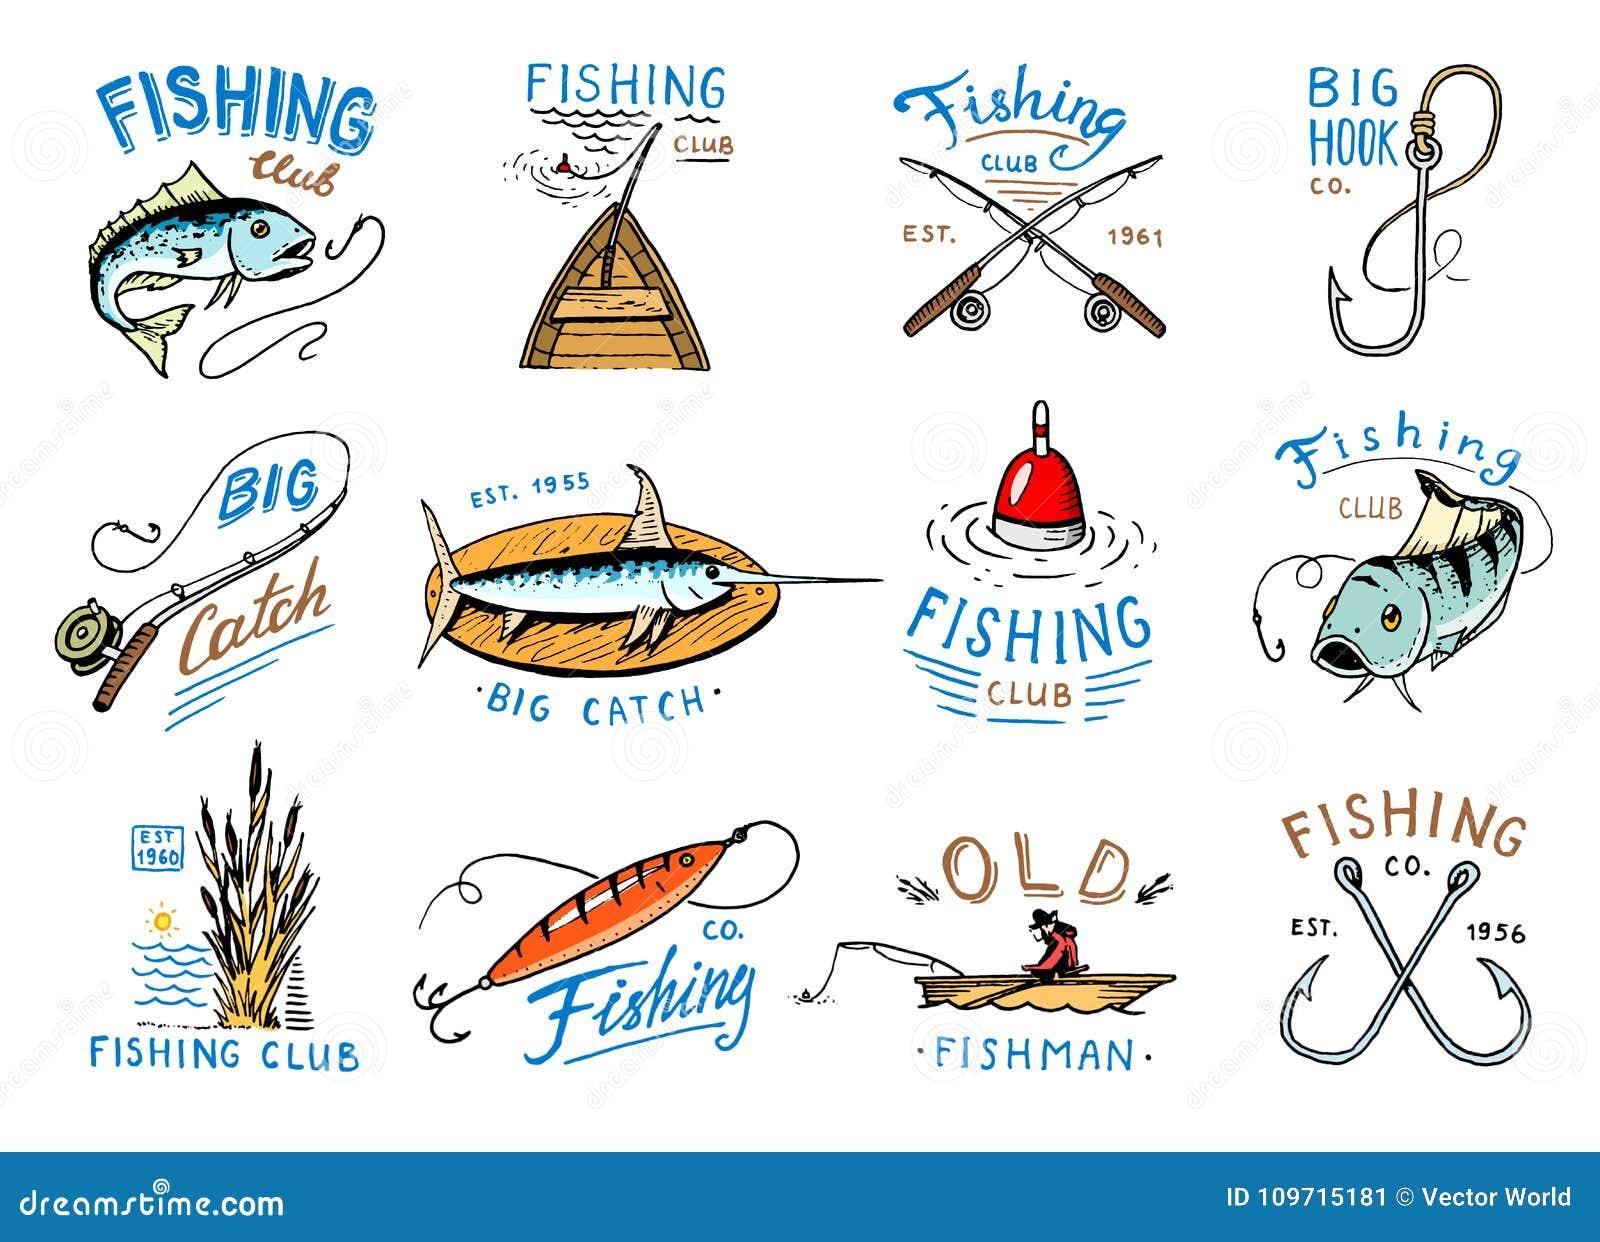 渔商标传染媒介与渔夫的渔场与catched鱼的略写法小船的和象征在fishingrod例证集合